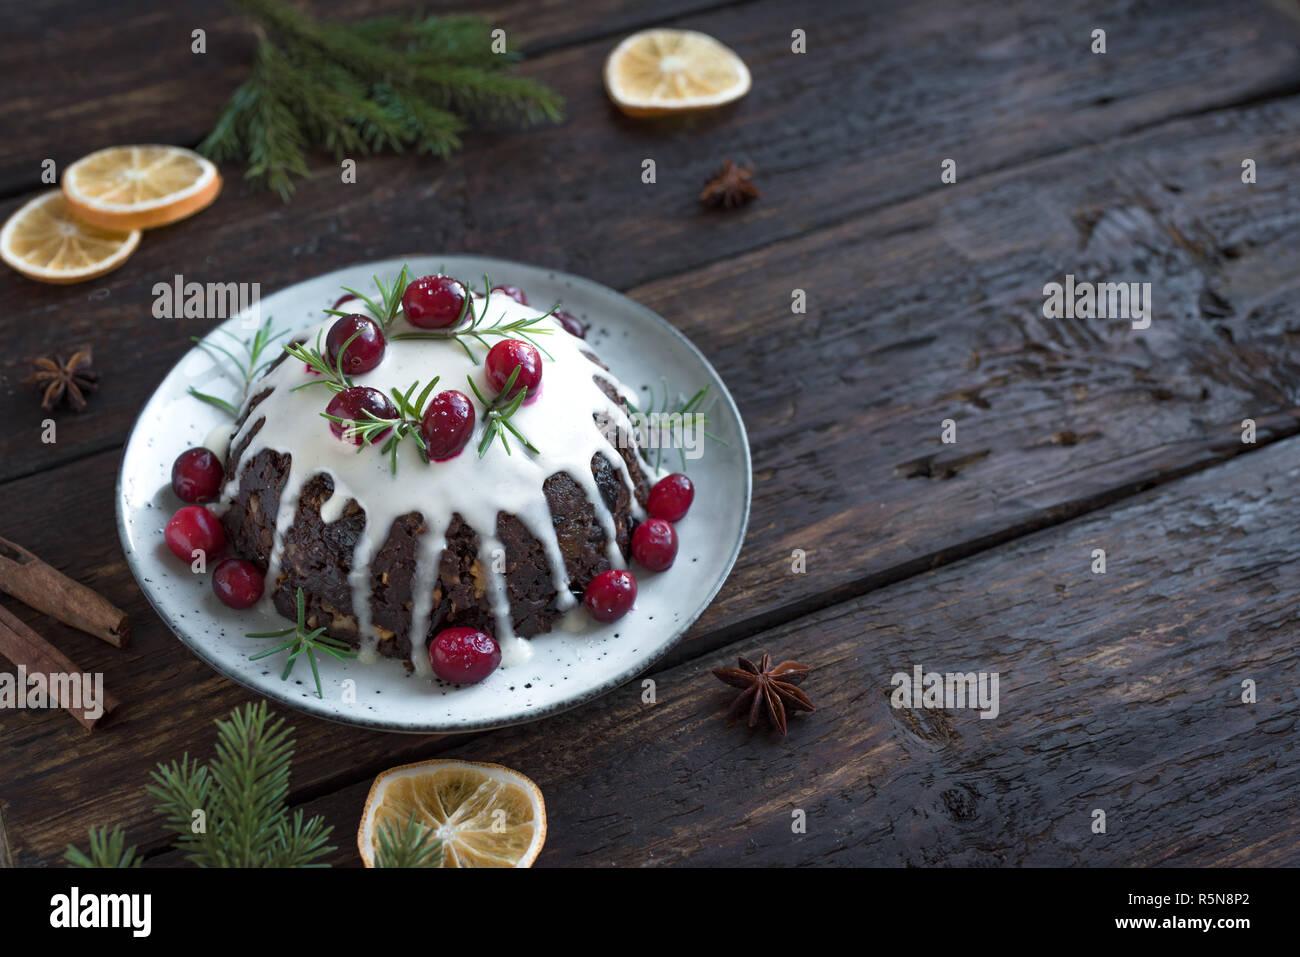 Le pudding de Noël, fruits gâteau décoré avec du glaçage et des canneberges sur table en bois rustique, de copier l'espace, vue d'en haut. Noël traditionnel fait maison desser Photo Stock